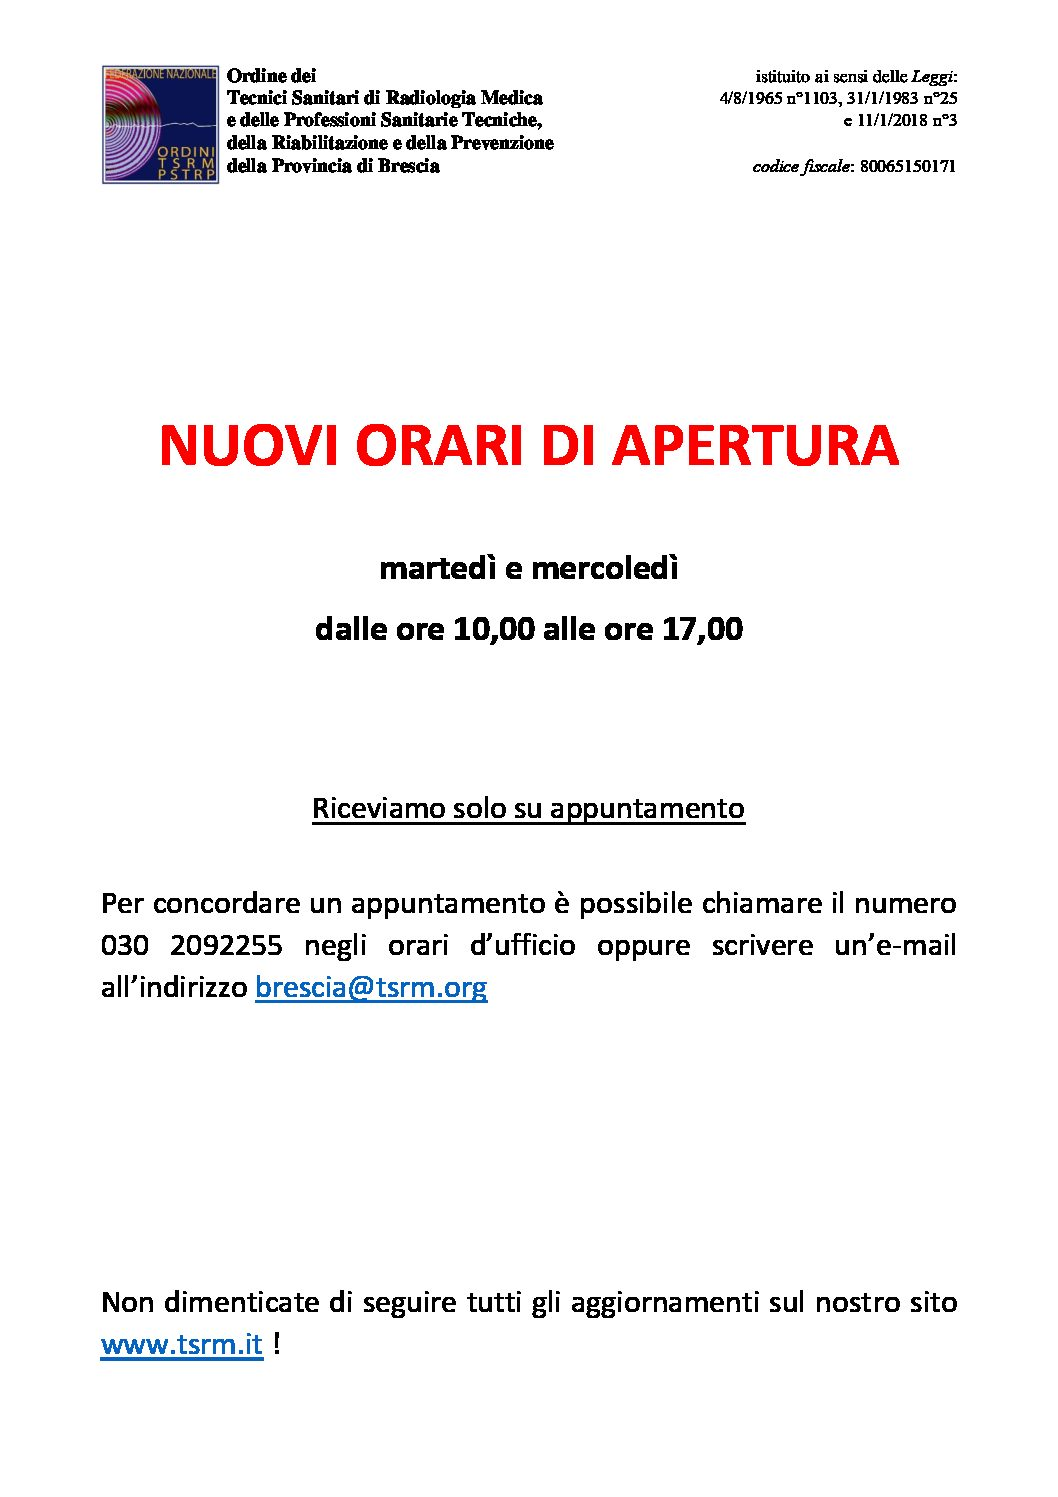 ORARI DI APERTURA SEDE ORDINE via Casazza 28 Brescia